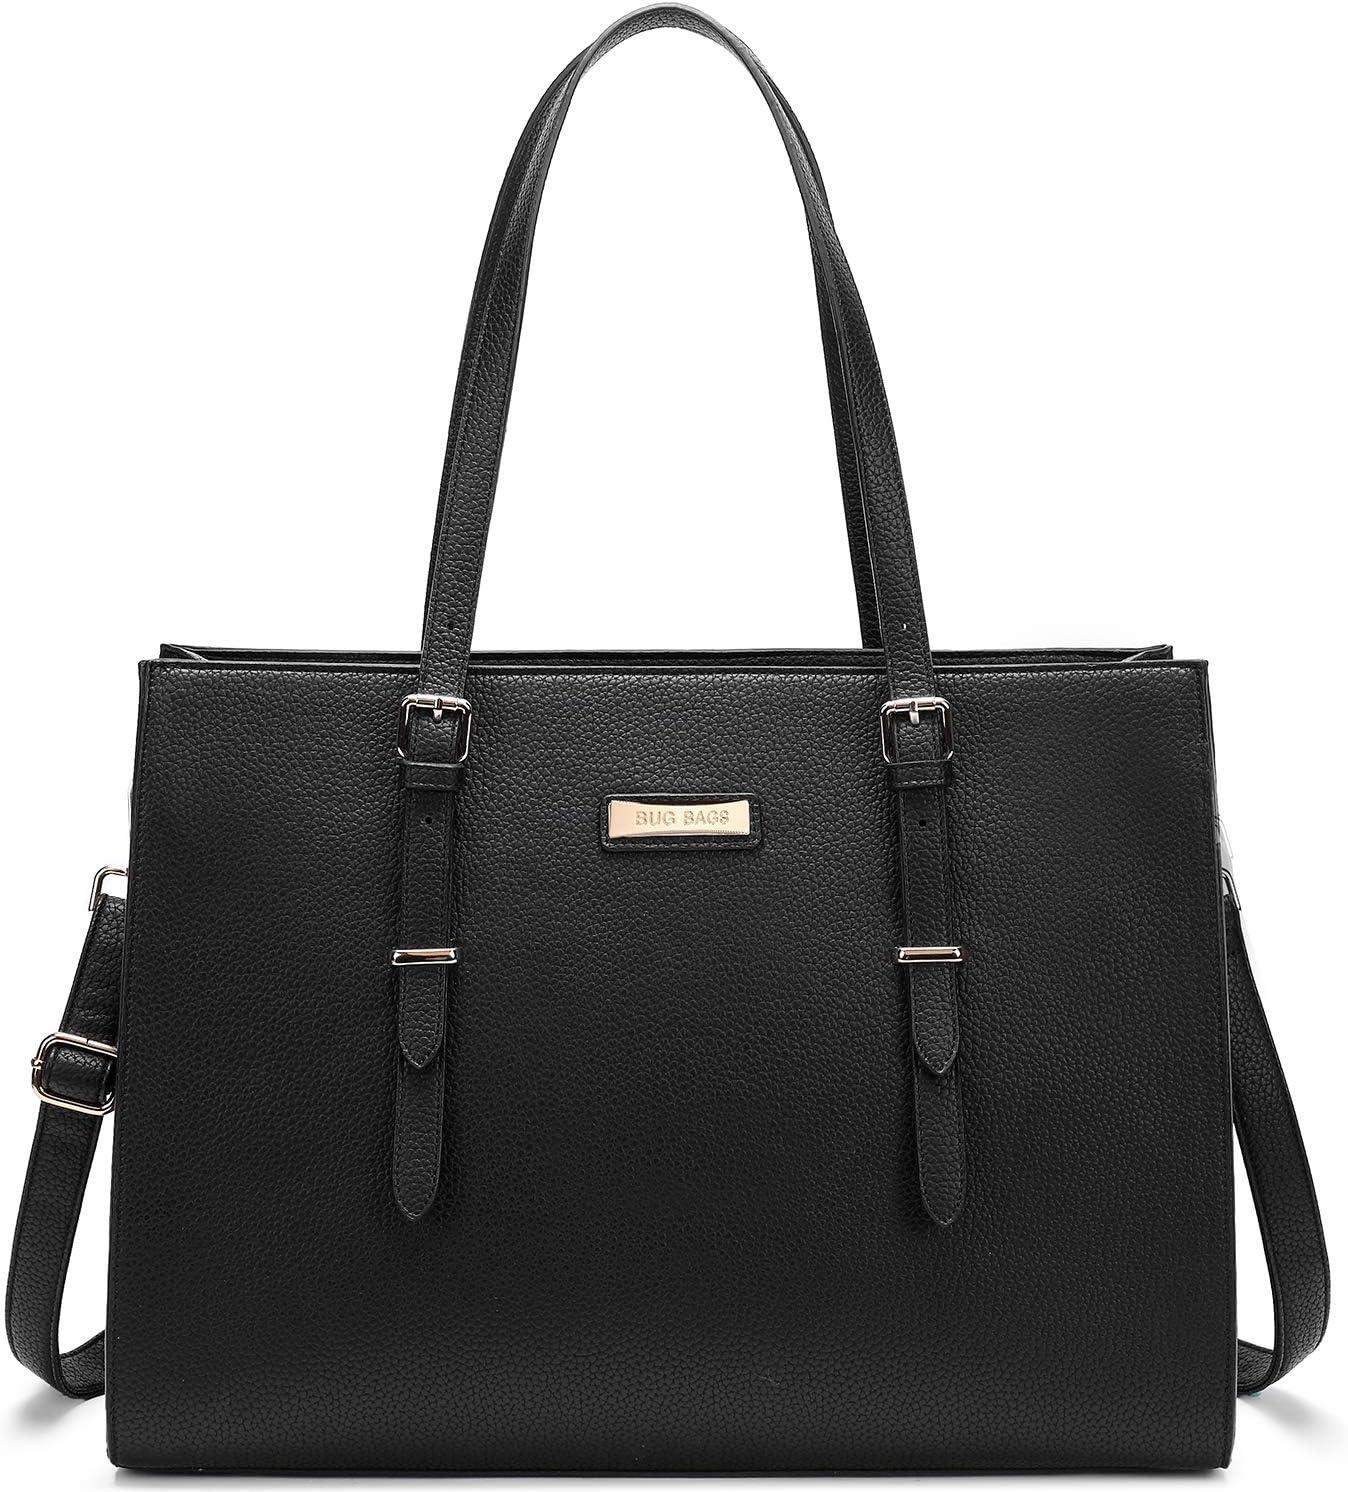 BUG Laptop Tote Bag Laptop Bag for Women Leather 15.6 Inch Large Tote Waterproof Lightweight Handbag Shoulder Bag Travel Business Office Work Bag Classic Black